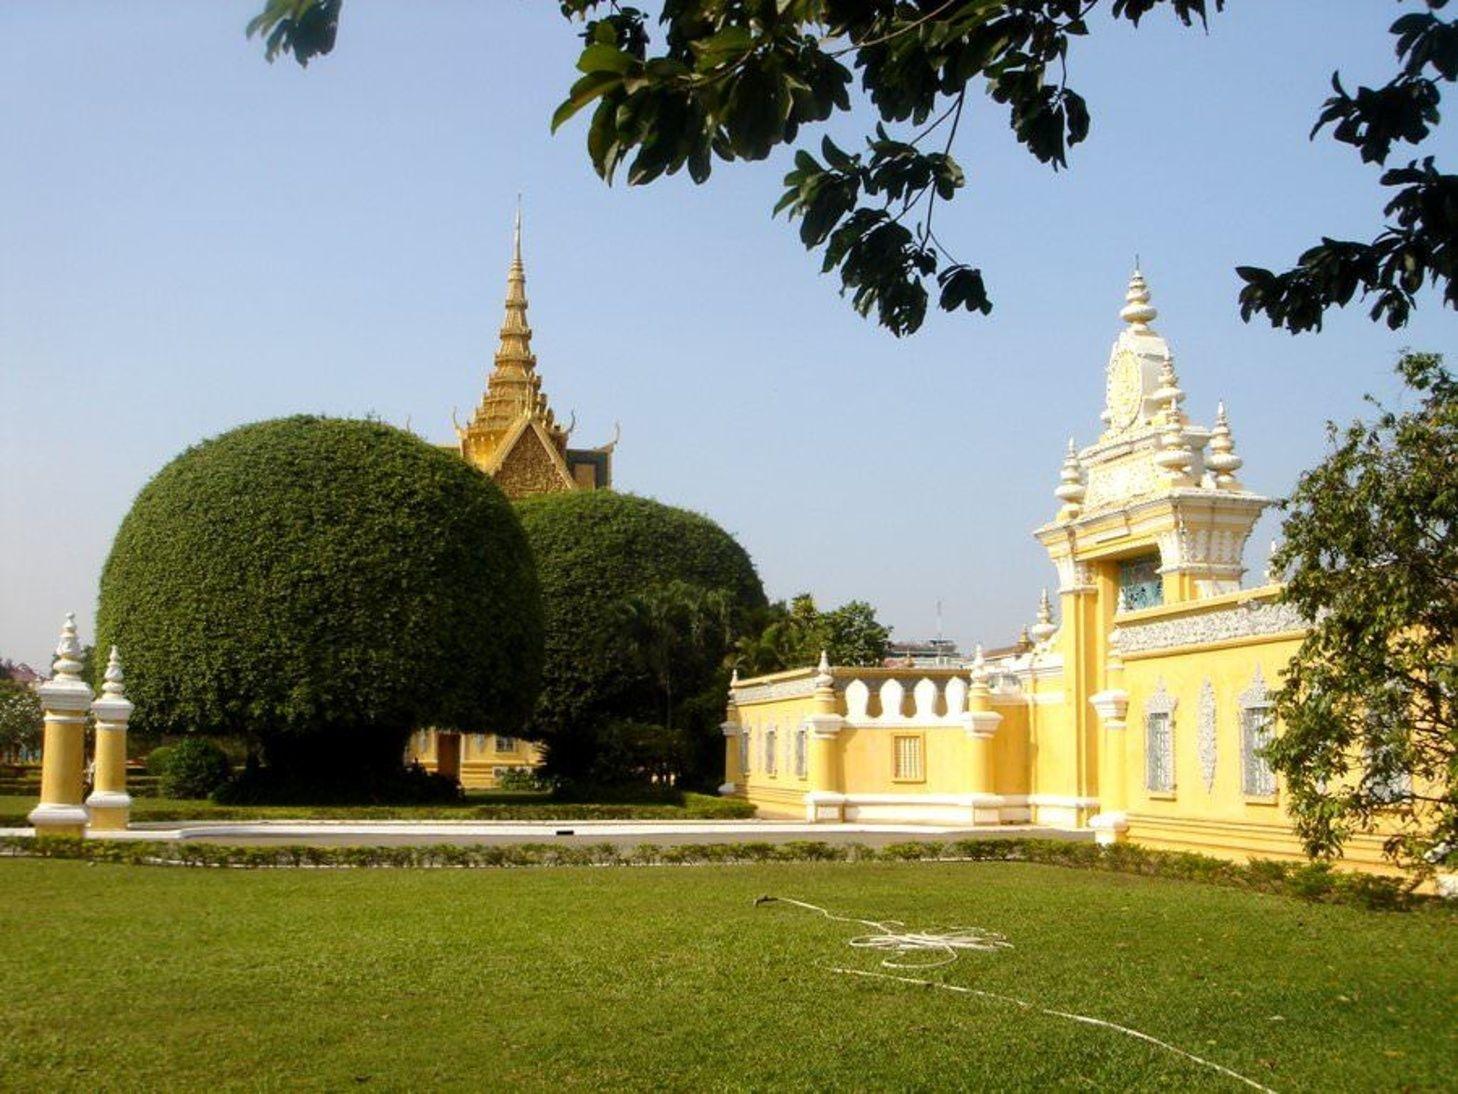 The Royal palace #Phnompenh #cambodia